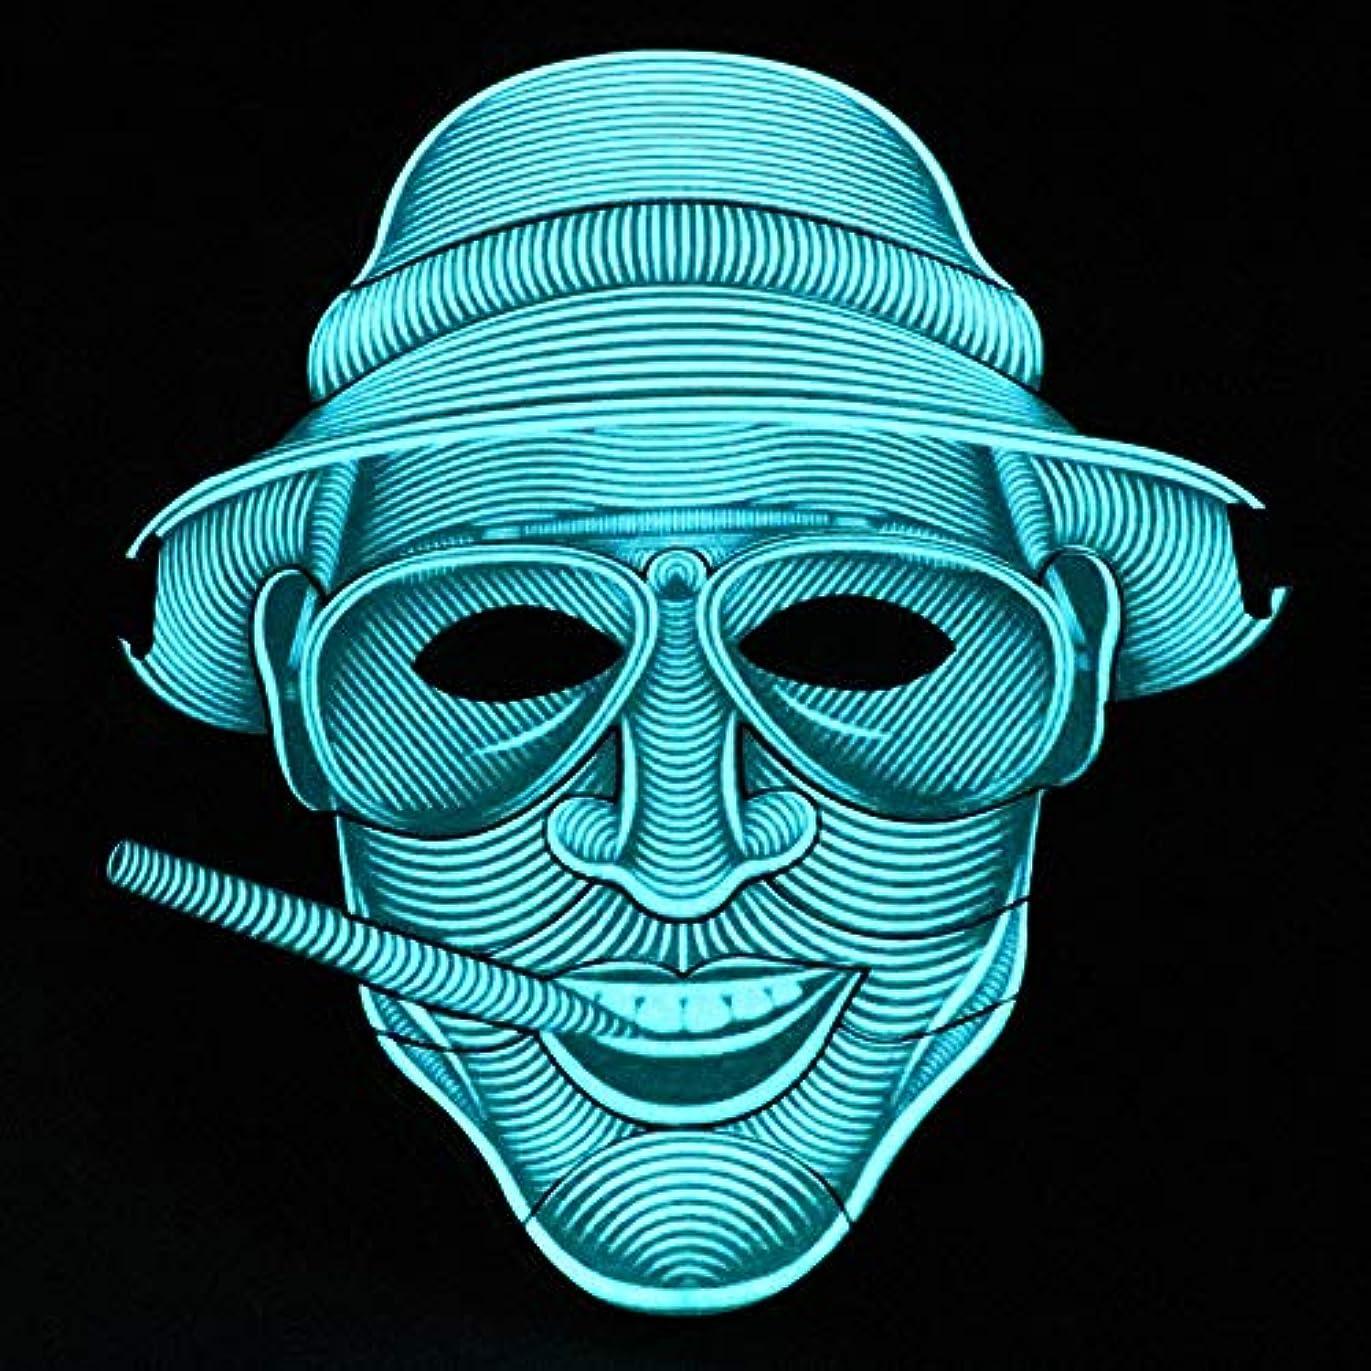 ロードされた無傷君主制照らされたマスクLED創造的な冷光音響制御マスクハロウィンバーフェスティバルダンスマスク (Color : #6)